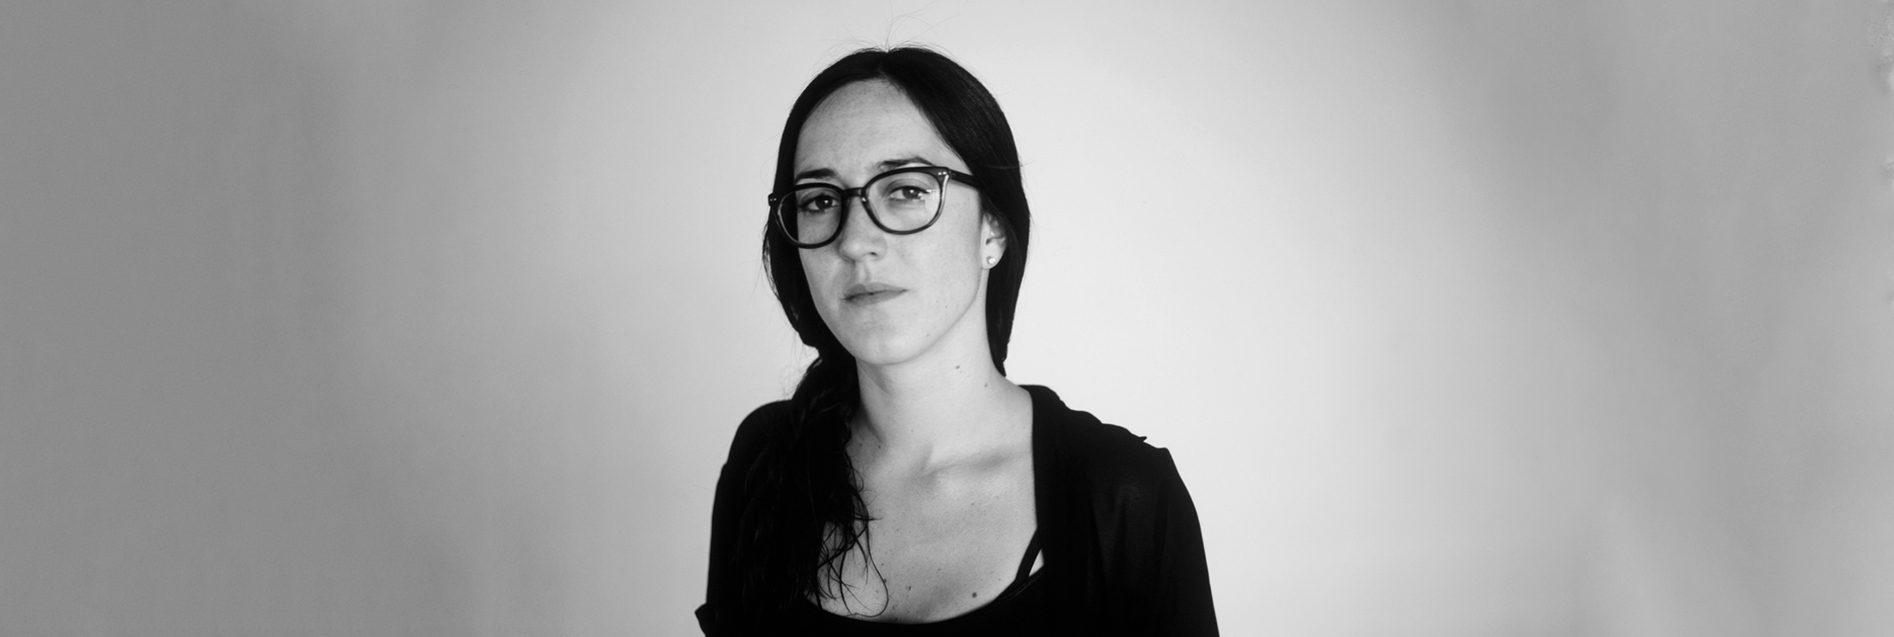 El anhelo por un lugar inexistente: Un foco al cine de Dominga Sotomayor define a este nuevo Jueves de Cine Chileno